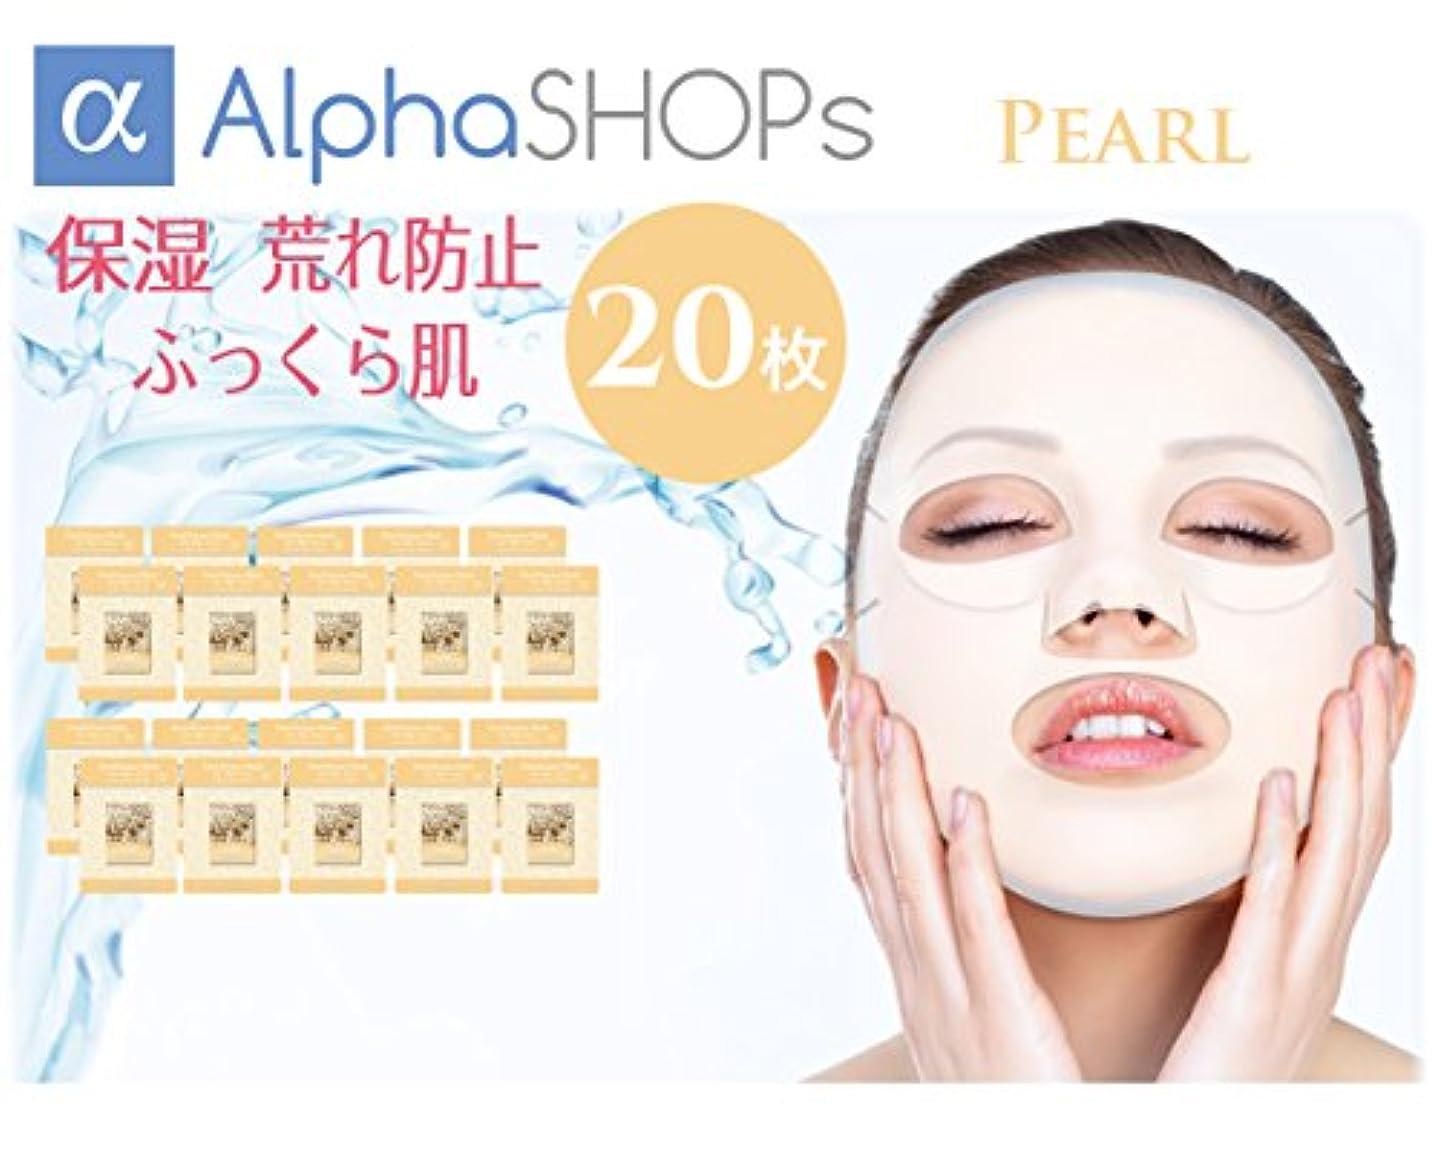 フェイスパック フェイスマスクパック パール 真珠粉 ランキング 上位 韓国コスメ 追跡番号付きで当日発送 20枚セット